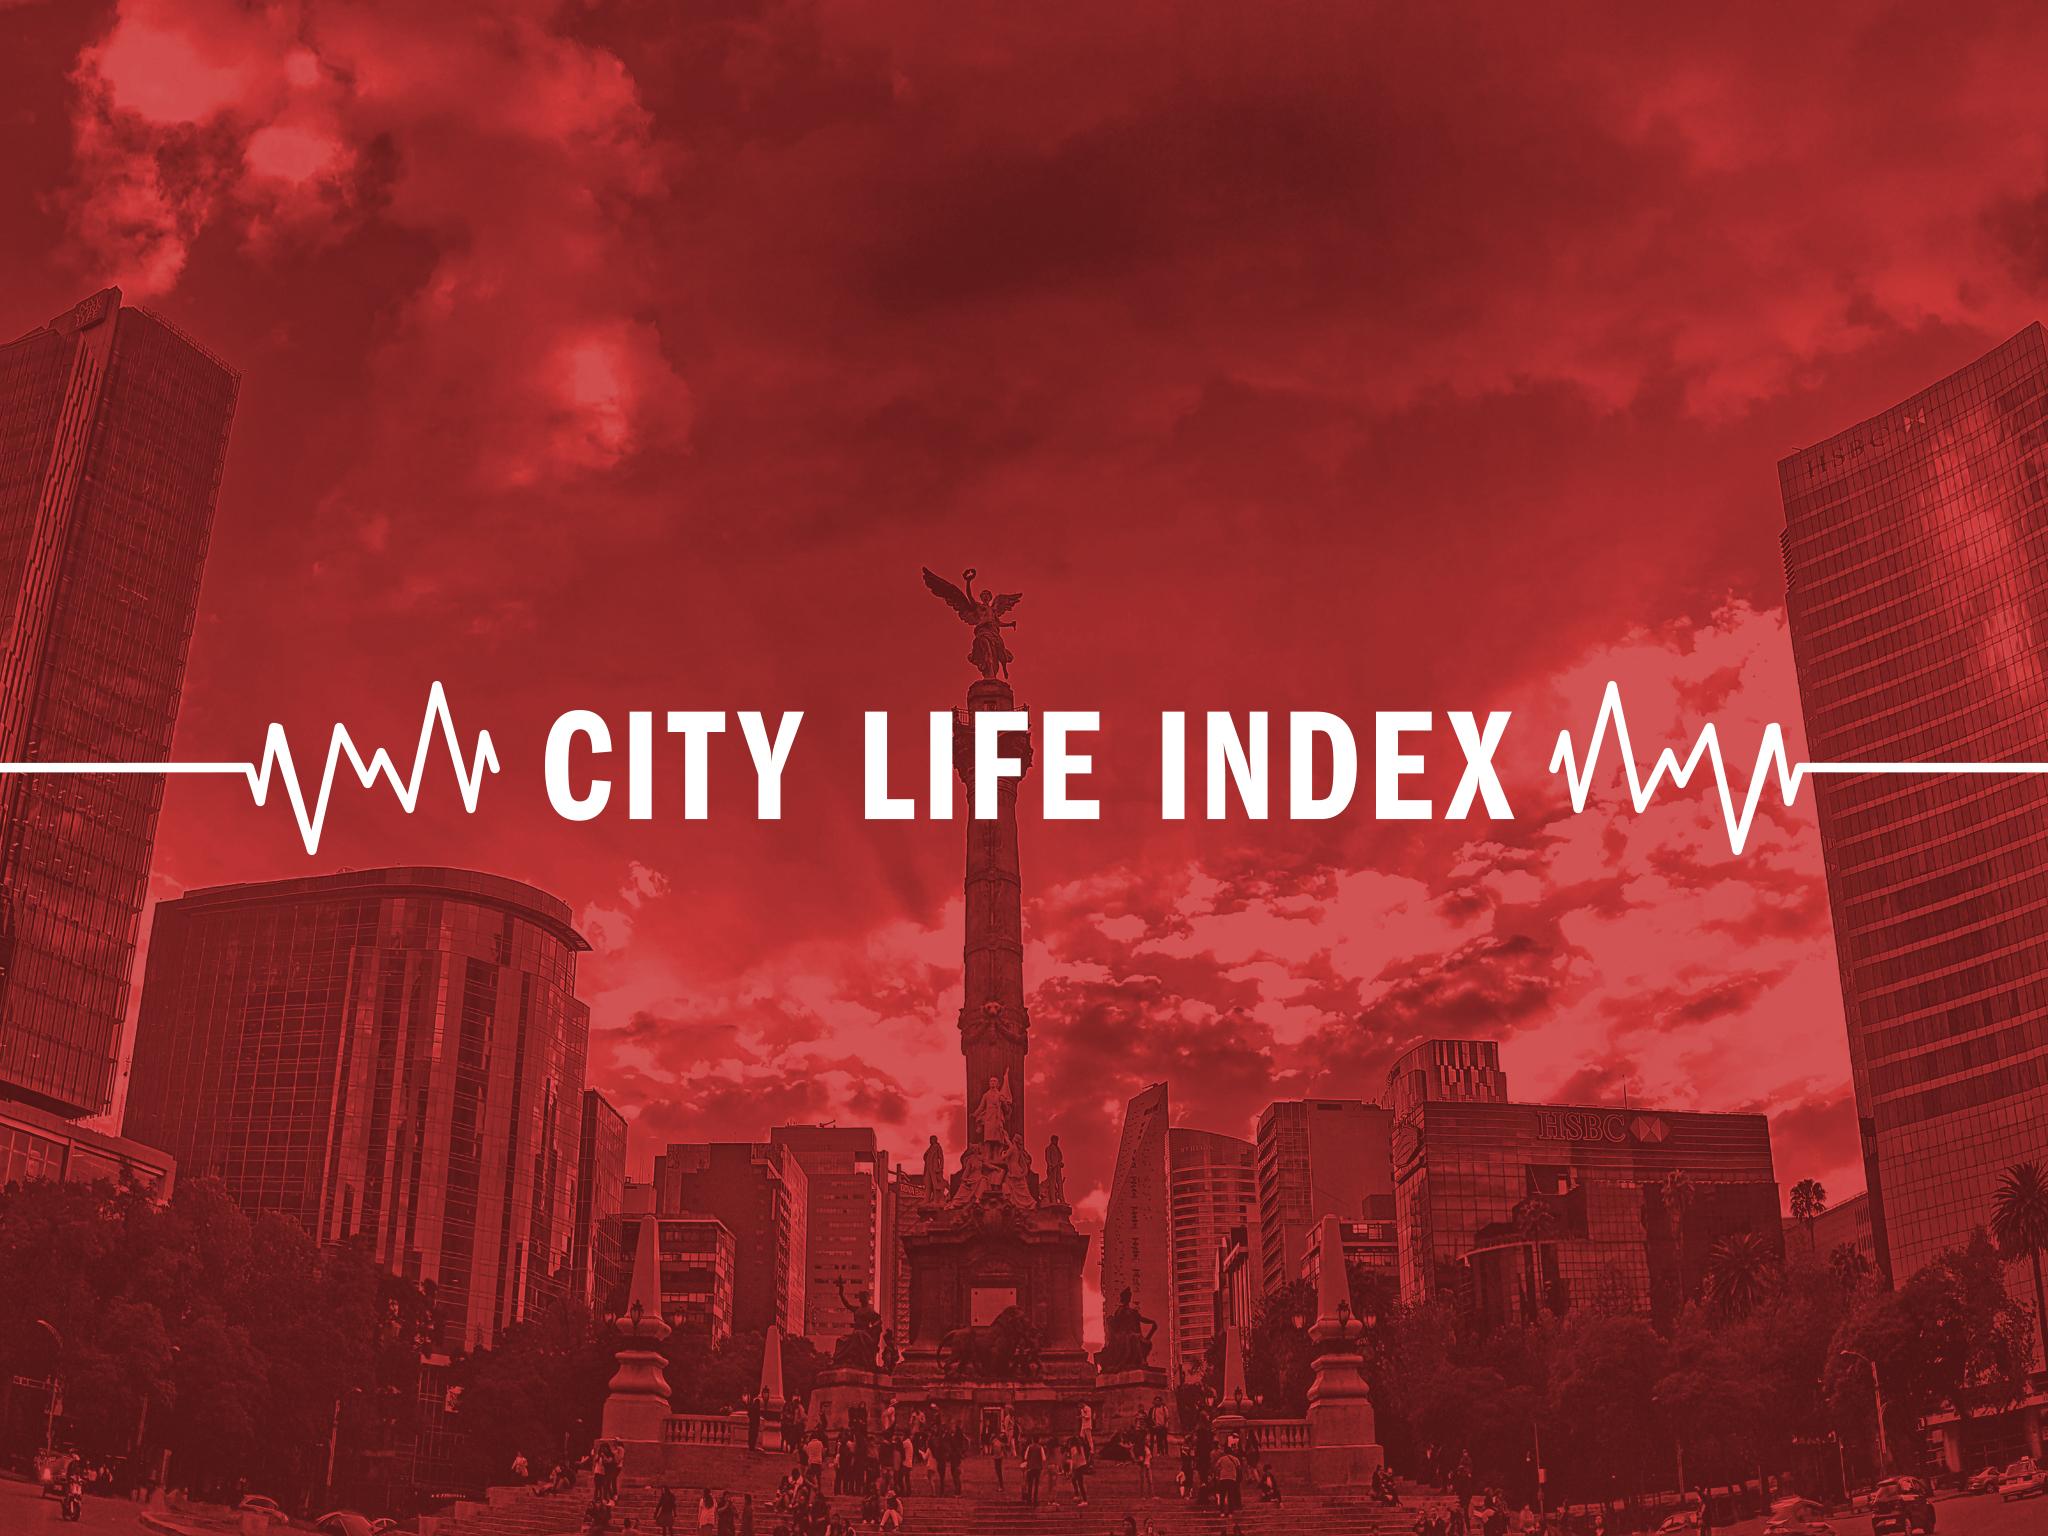 La CDMX es la ciudad de la cultura y ¿las nudes?